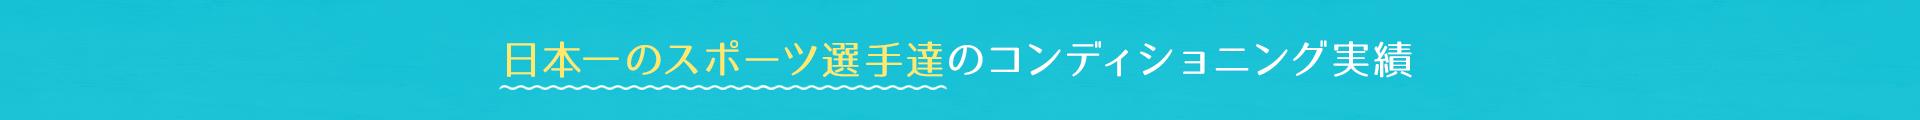 日本一のスポーツ選手達のコンディショニング実績